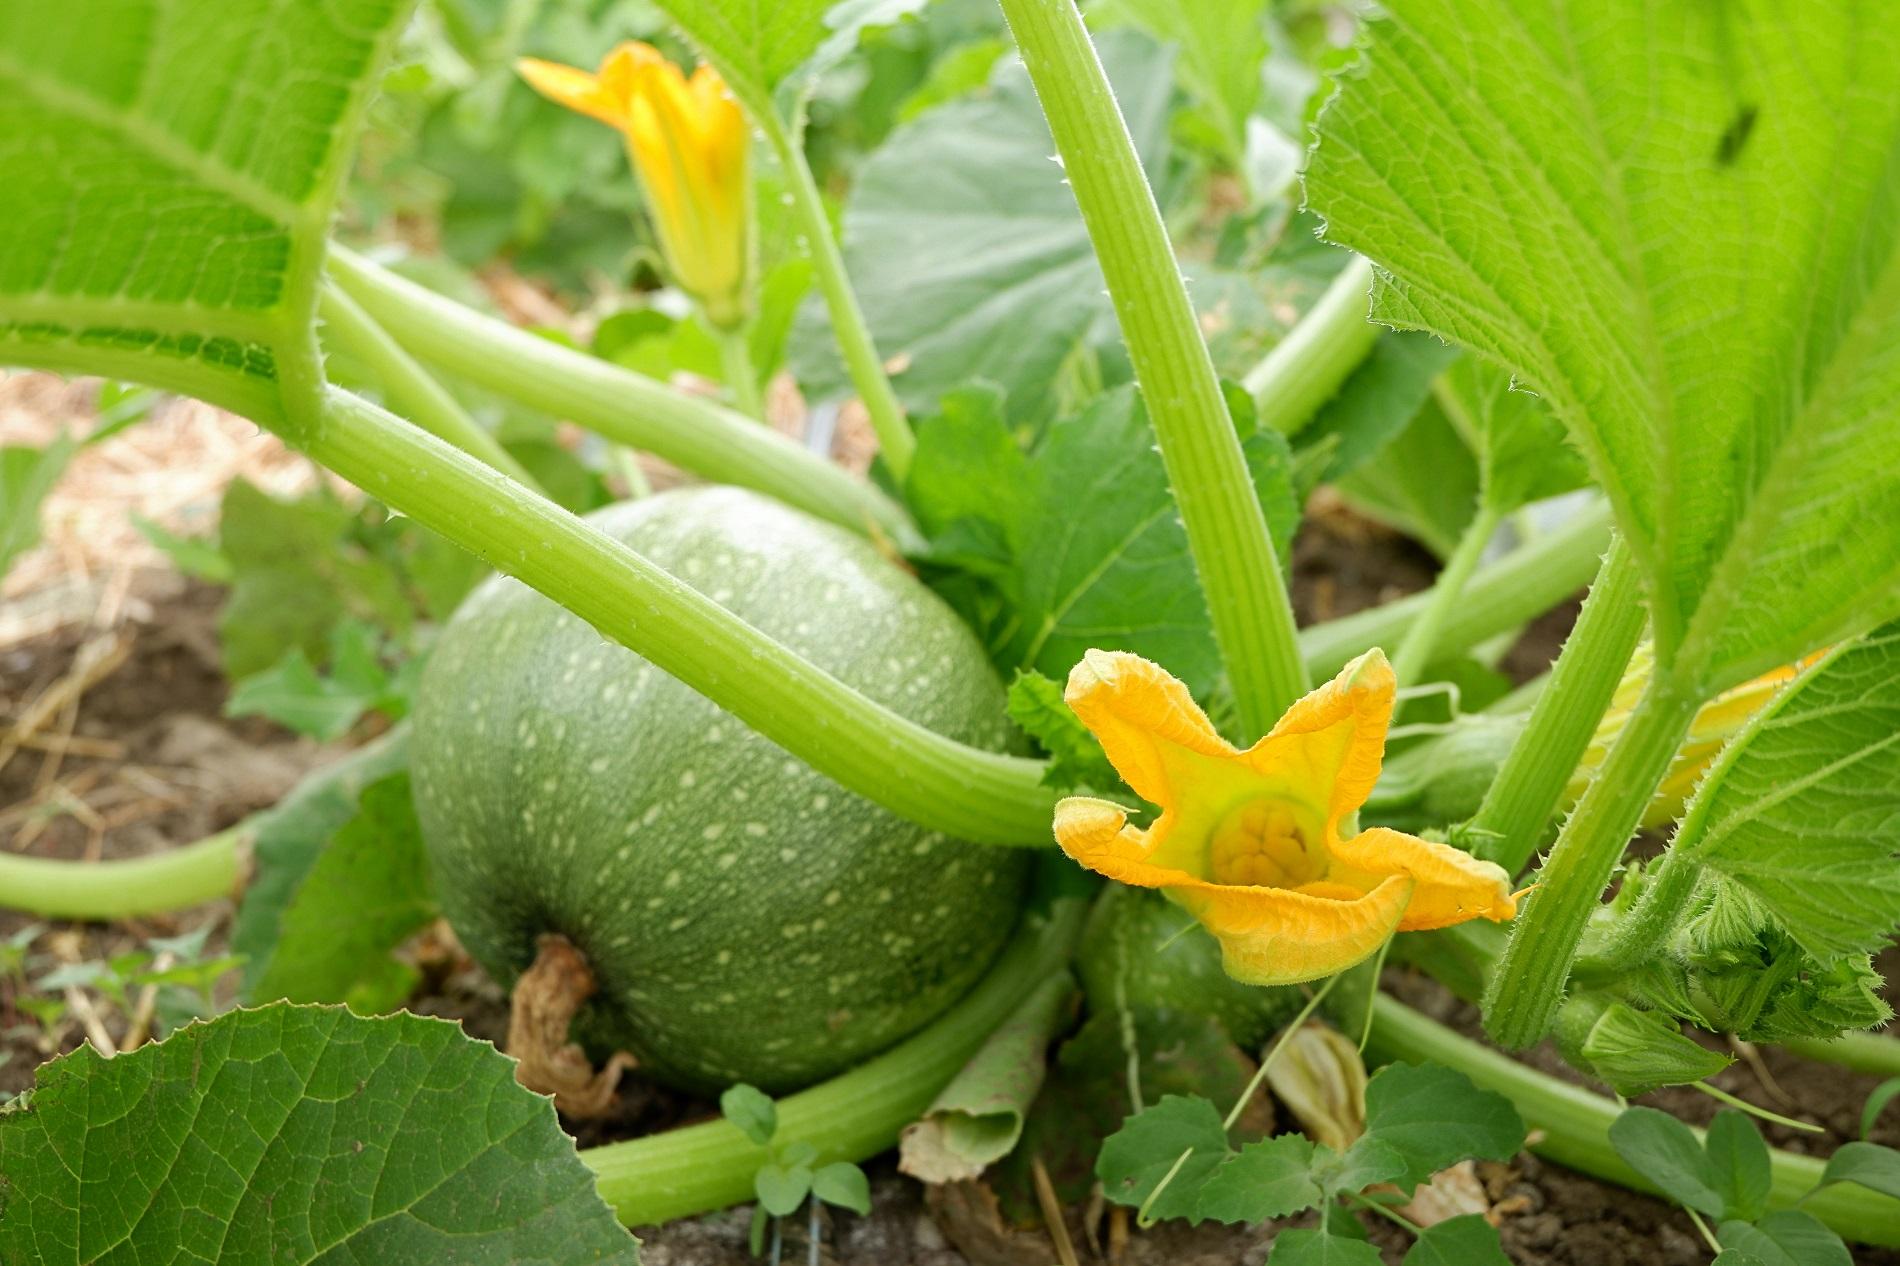 Familias de cultivos y necesidades de sanidad vegetal: Cucurbitáceas